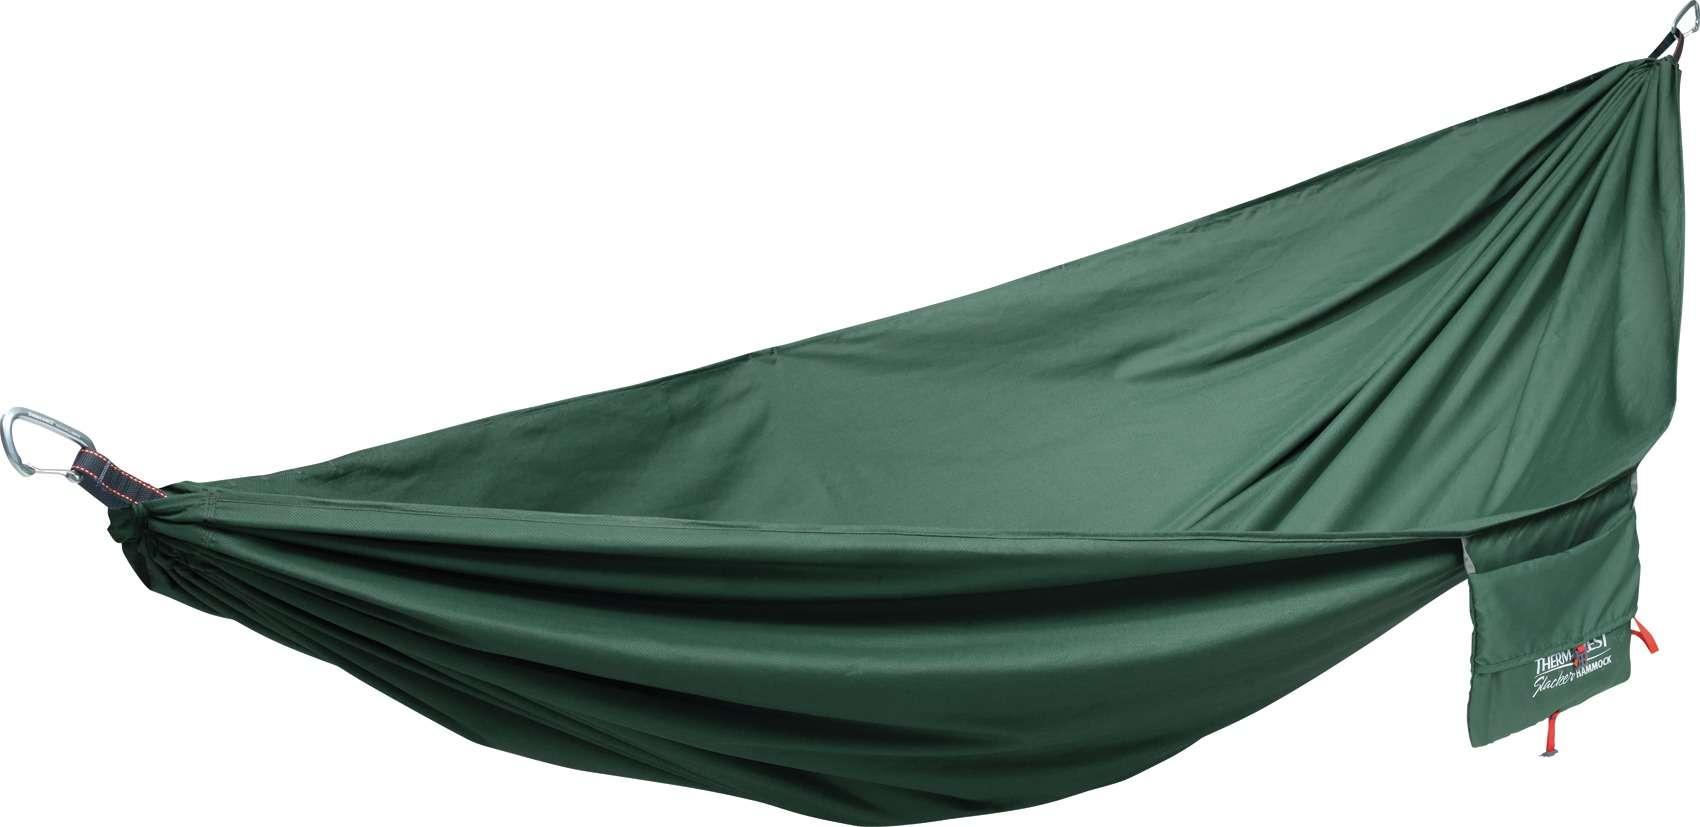 Hangmat Te Koop.Thermarest Slacker Hammock Double Hangmat Groen Koop Je Bij